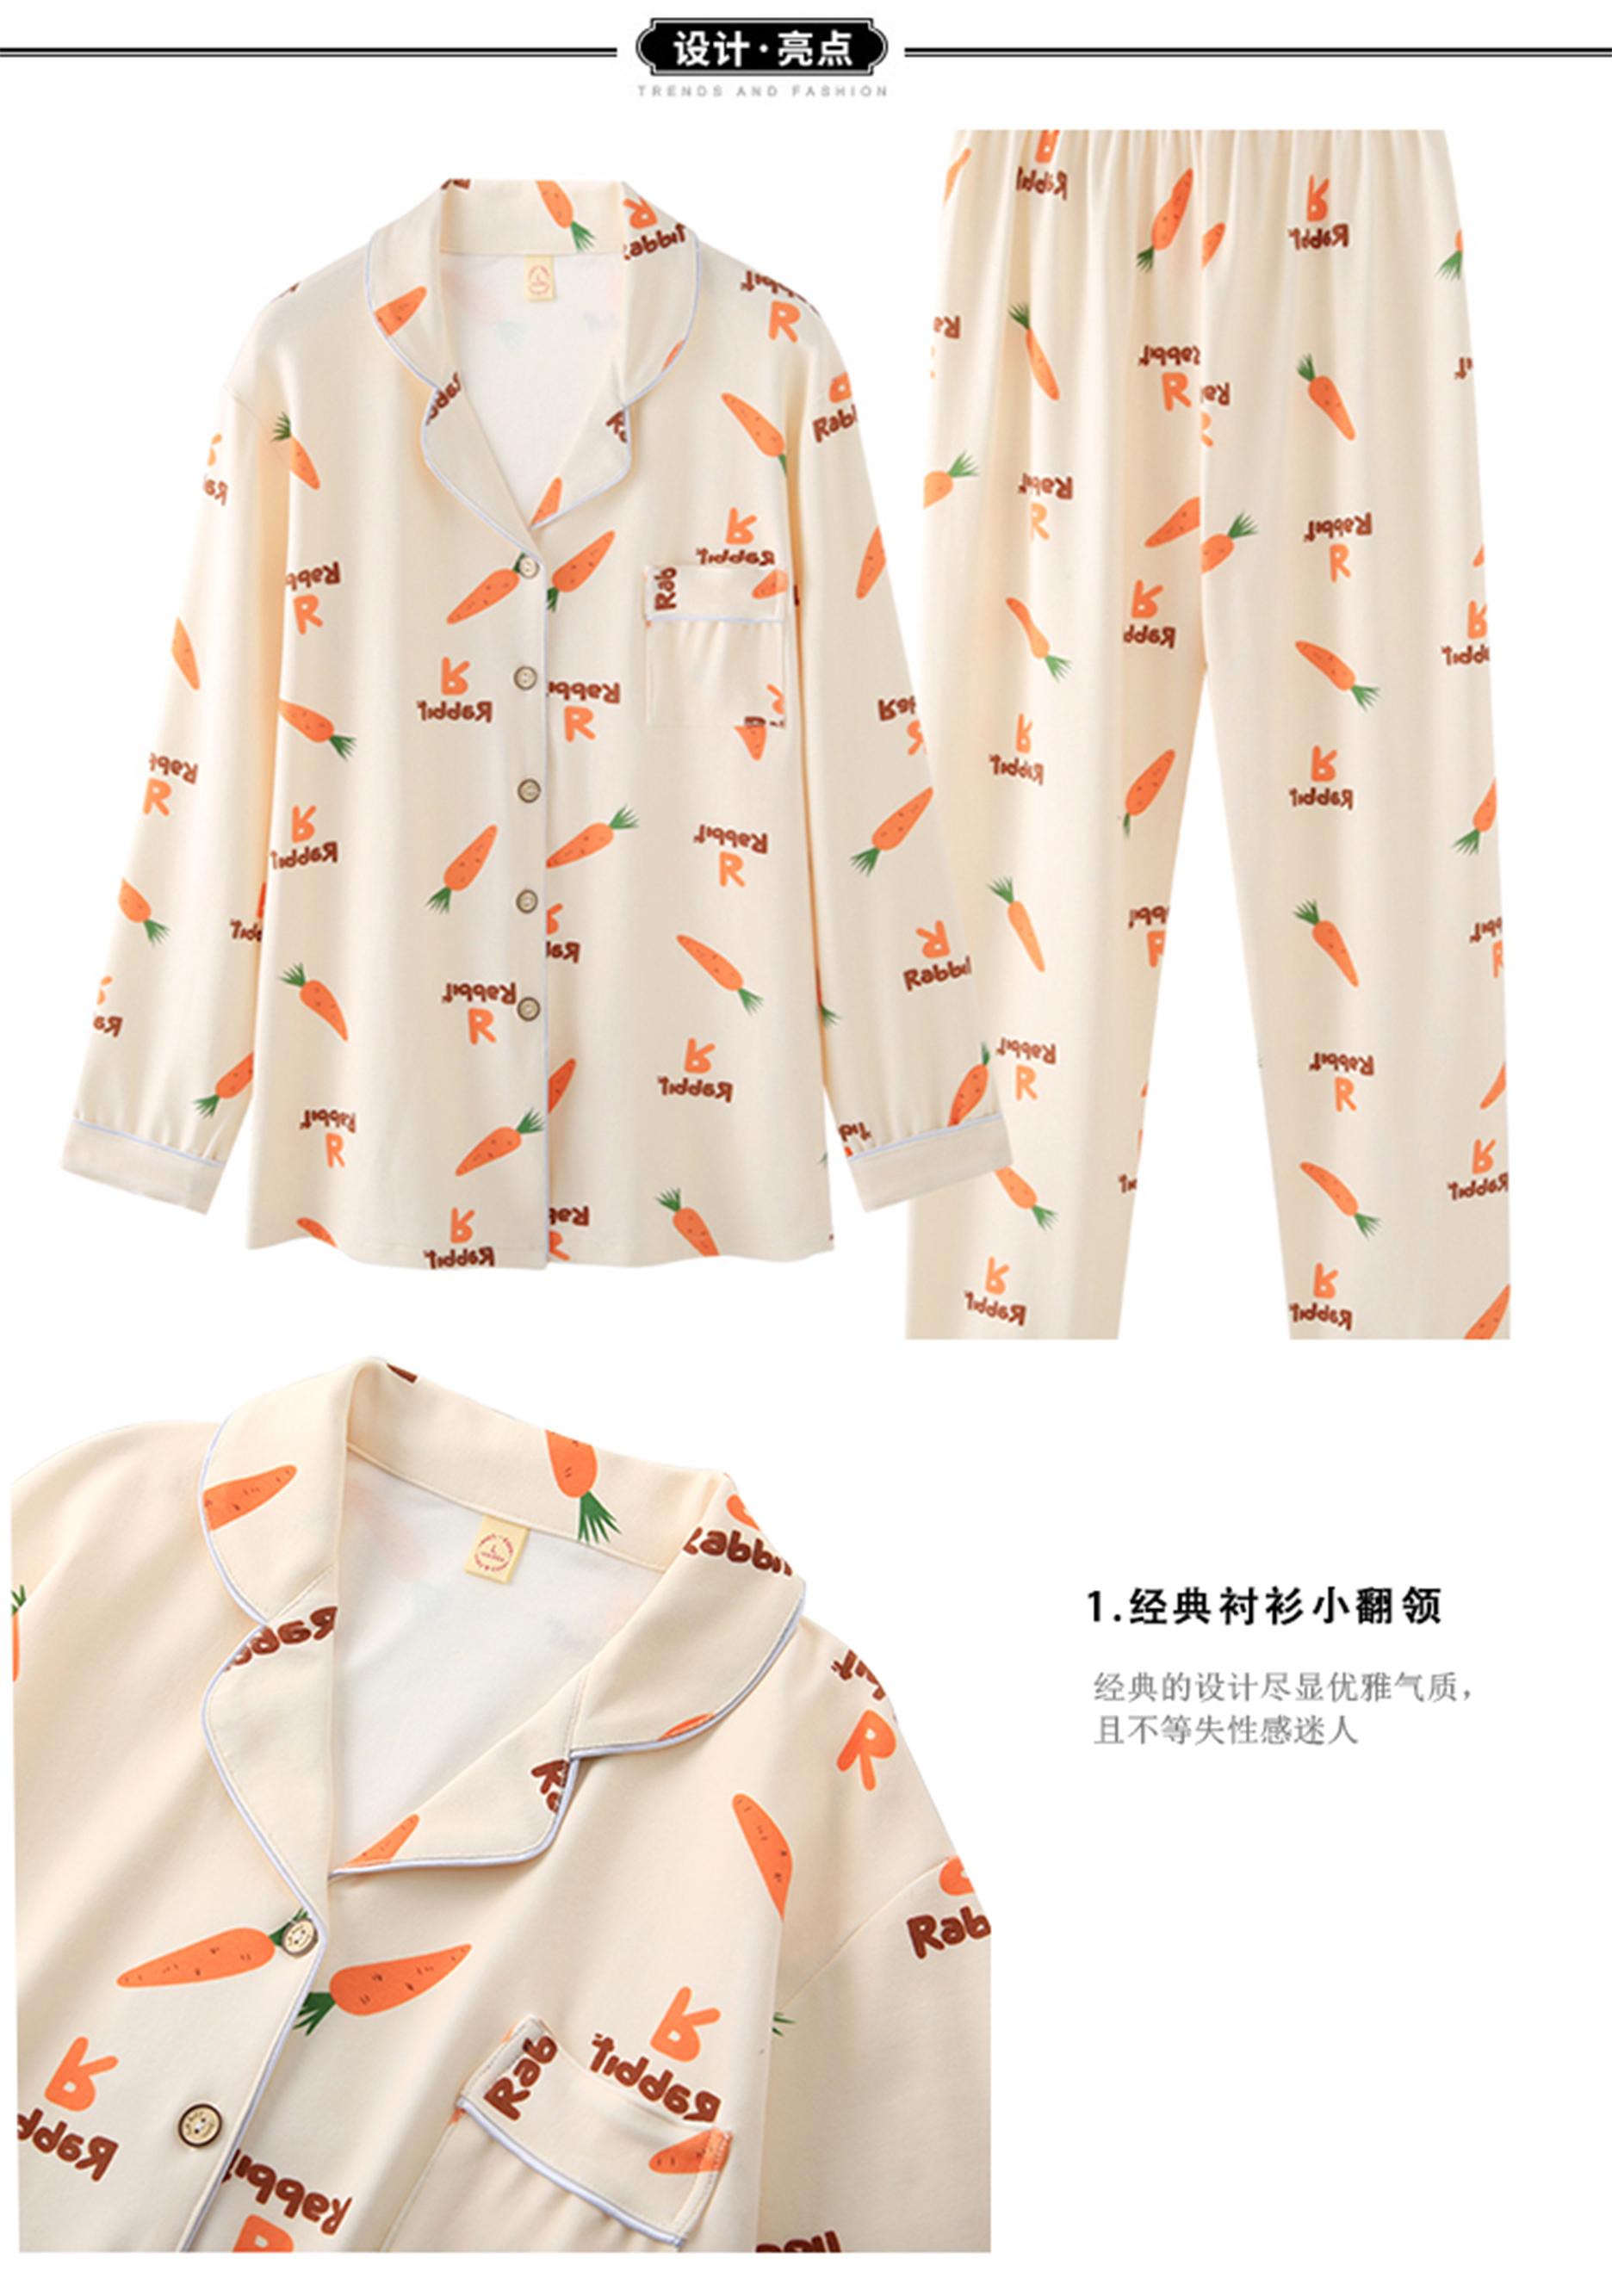 【可爱伴】女士纯棉睡衣2件套10